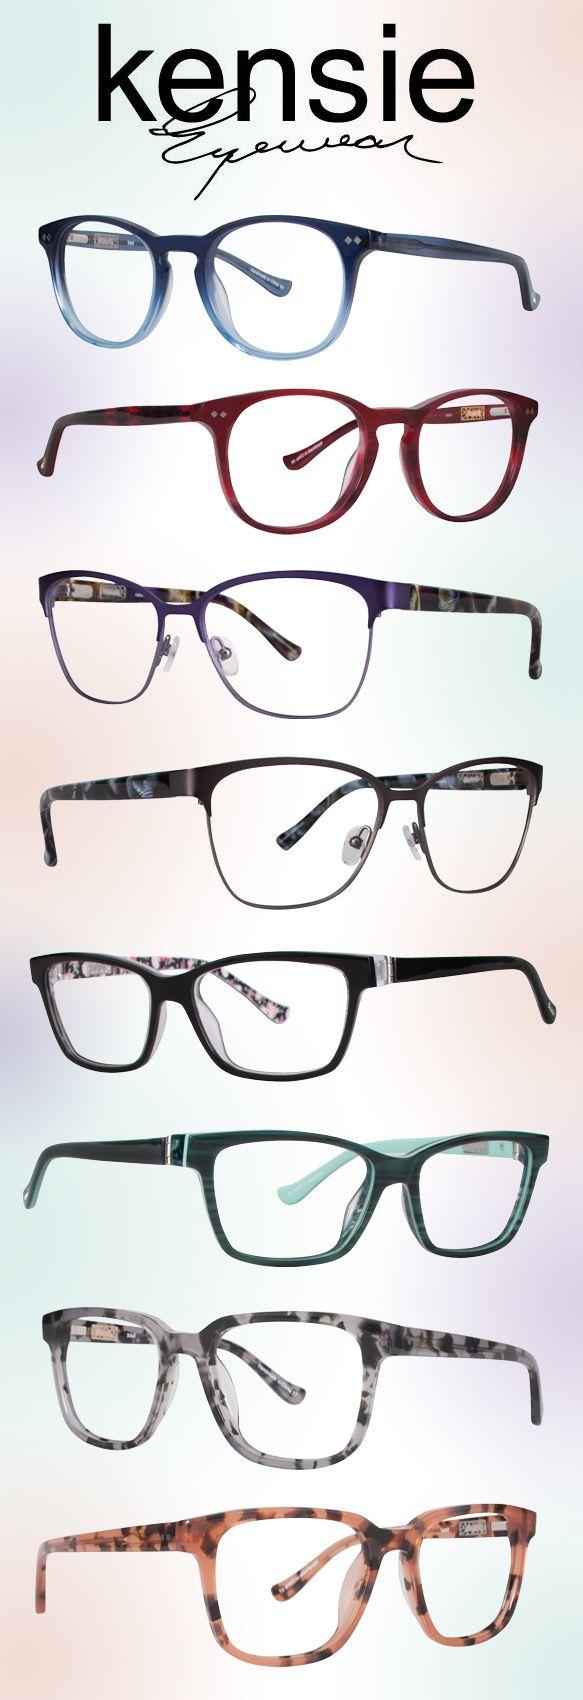 73 best kensie/kensie girl eyewear images on Pinterest | Eye glasses ...